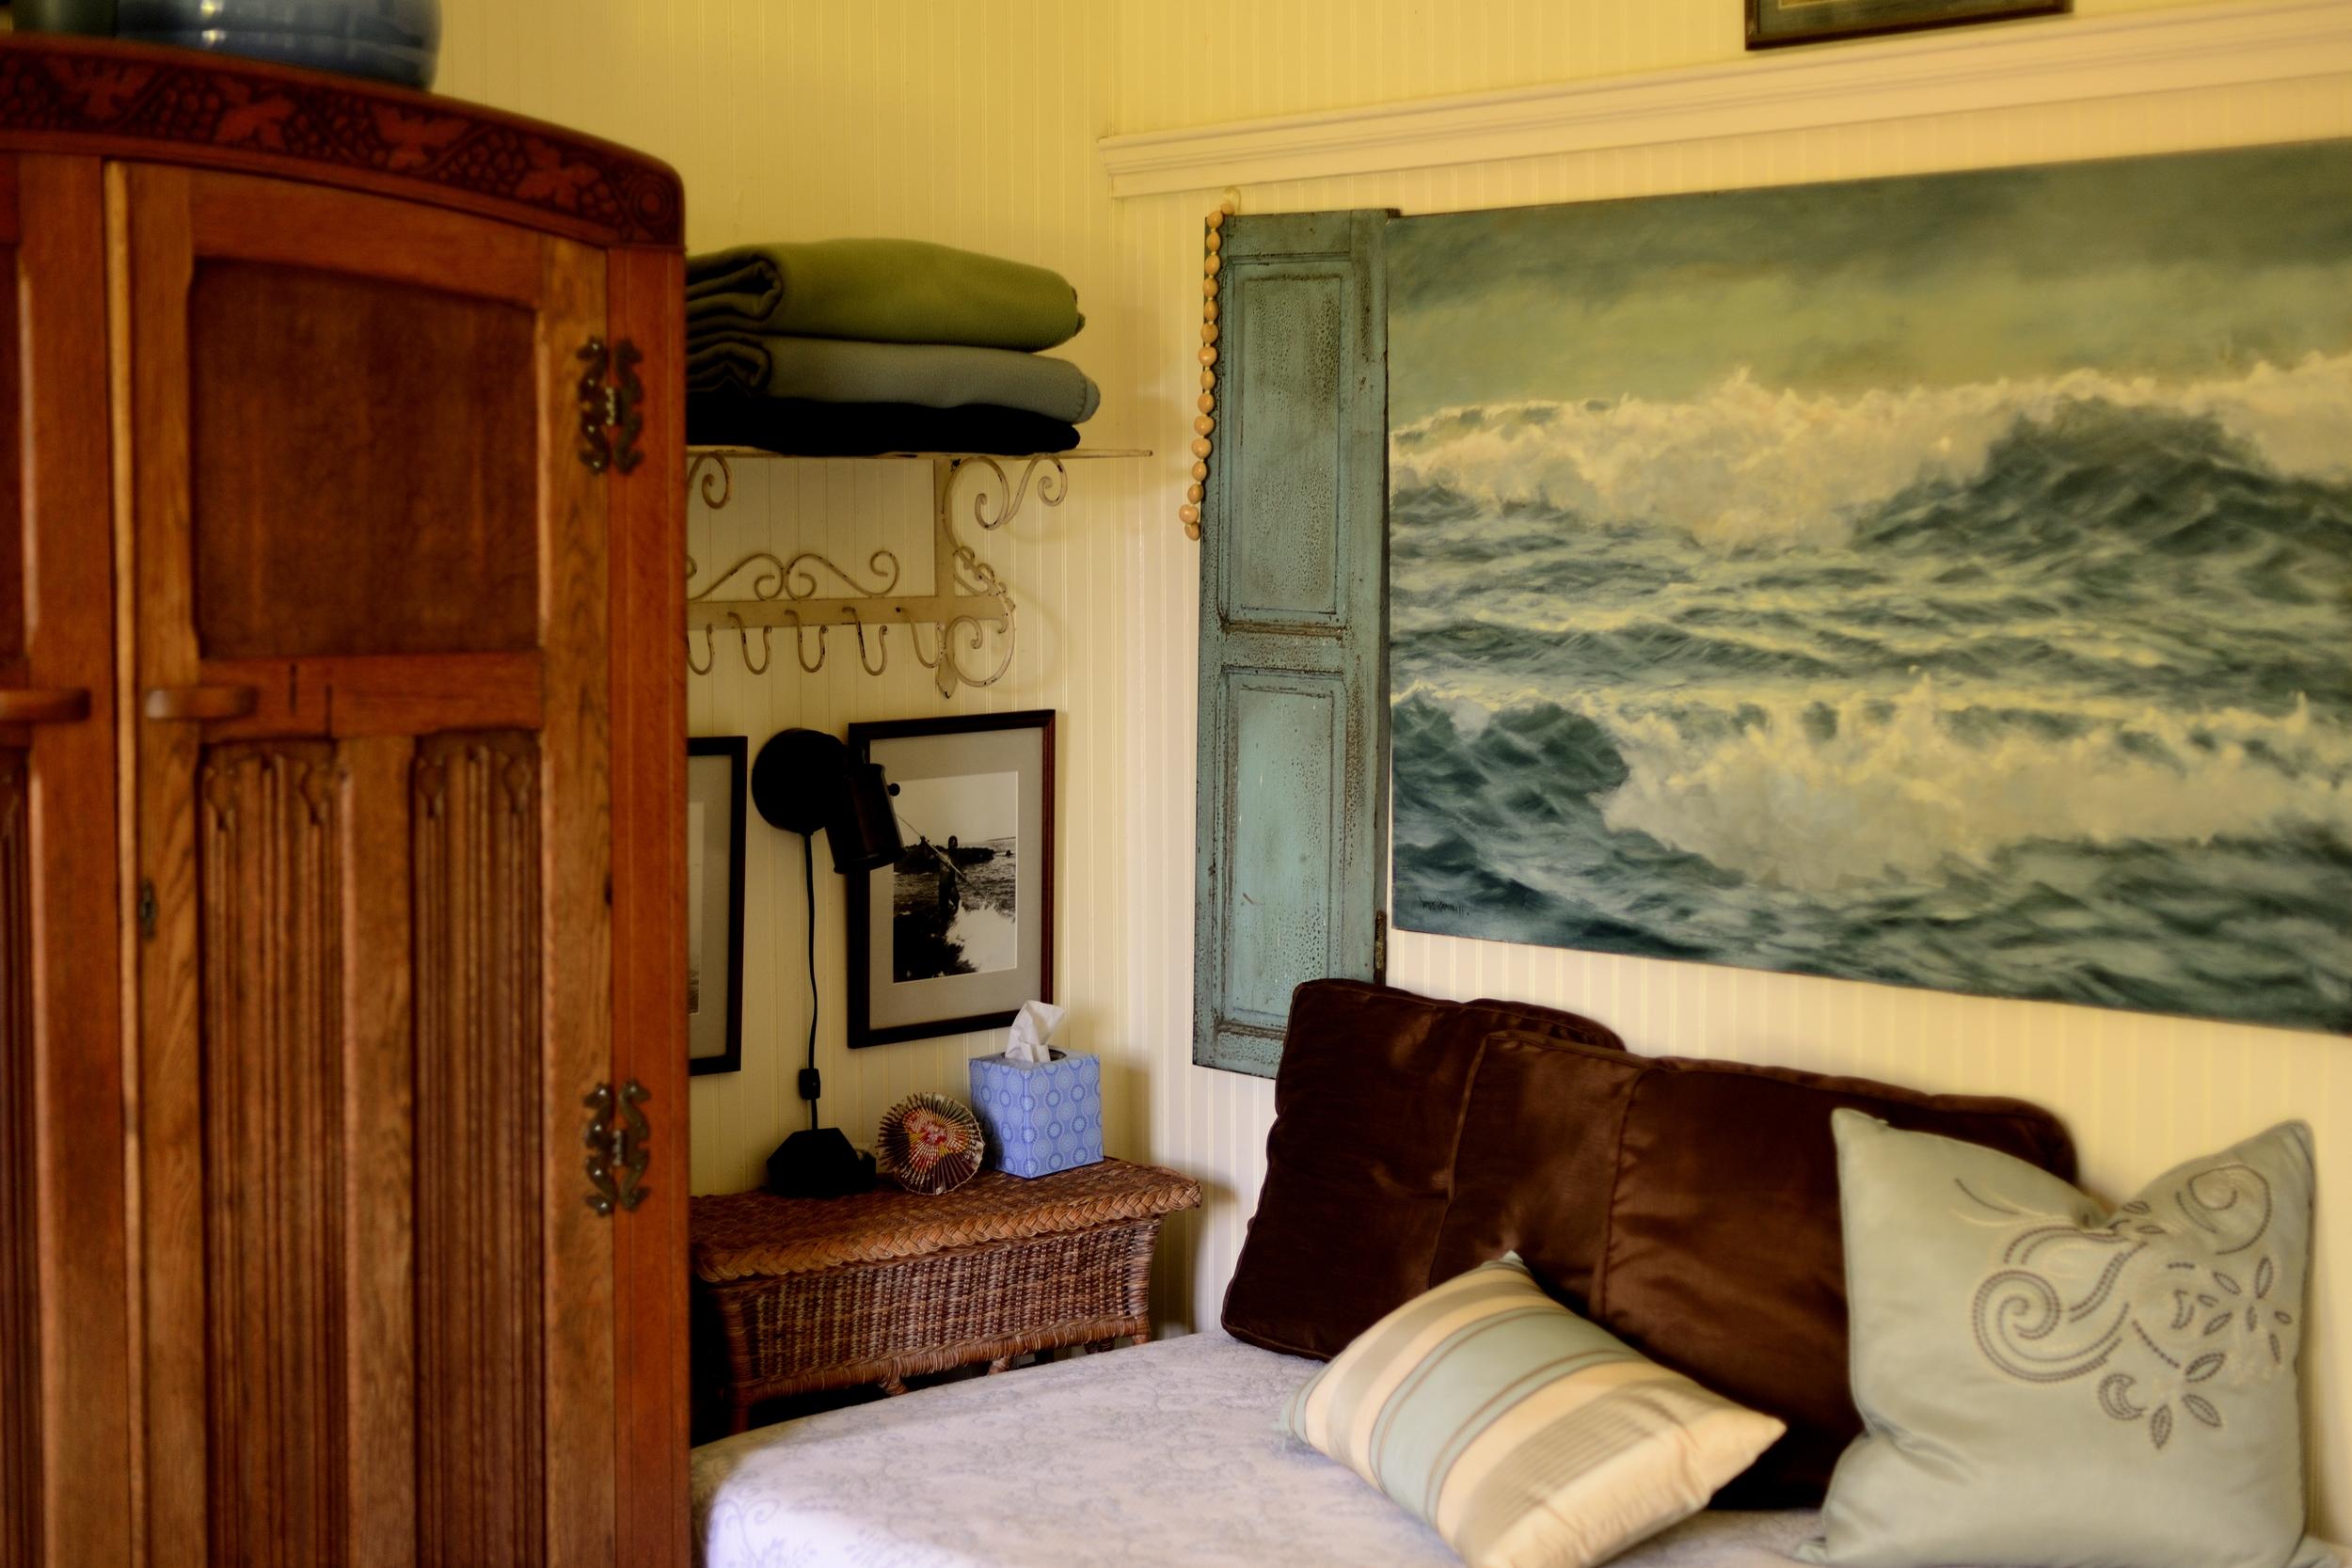 The Jasmine Room at the Hale Hookipa Inn, Maui, Hawaii